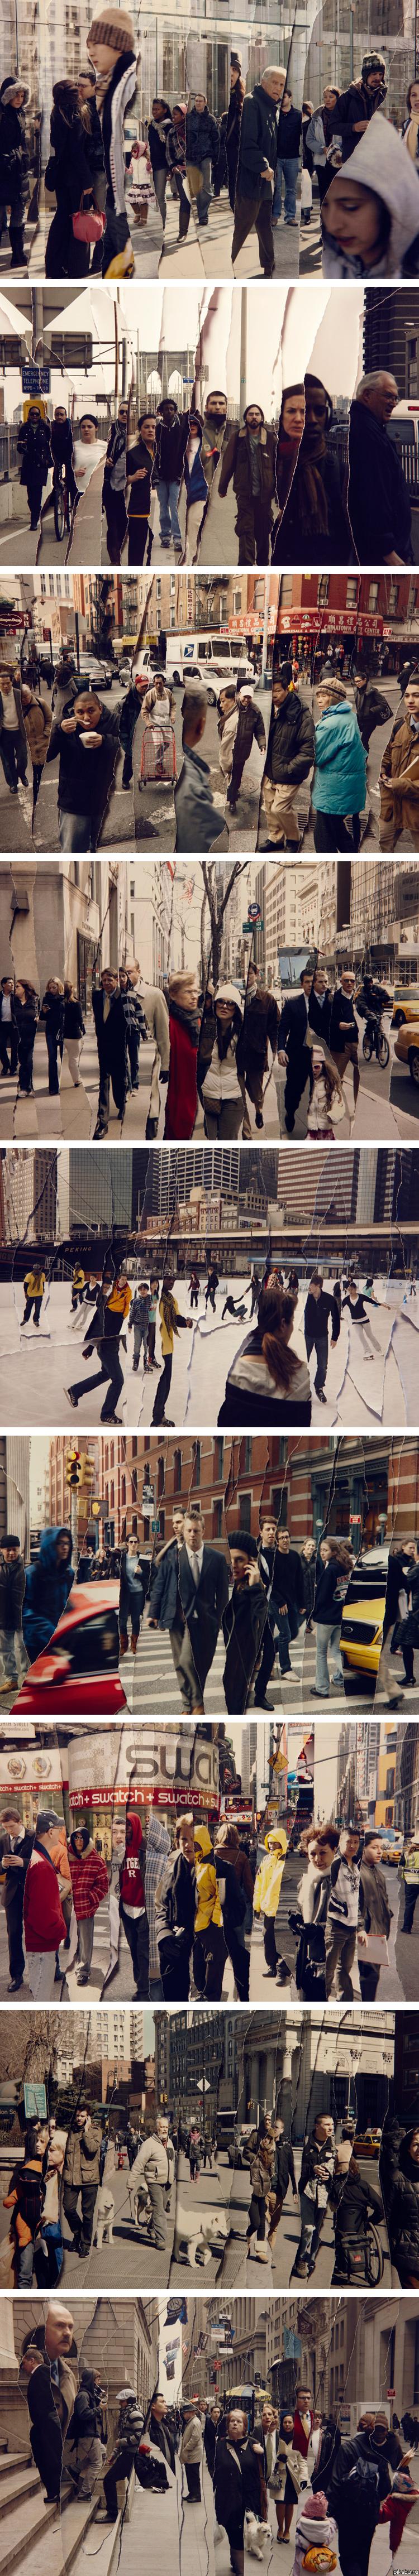 """Фотопроект """"Время"""" Фотограф Джек Кланг решил показать, насколько узко наше личное пространство, ведь мы постоянно ходим по одним и тем же улицам, что и остальные."""